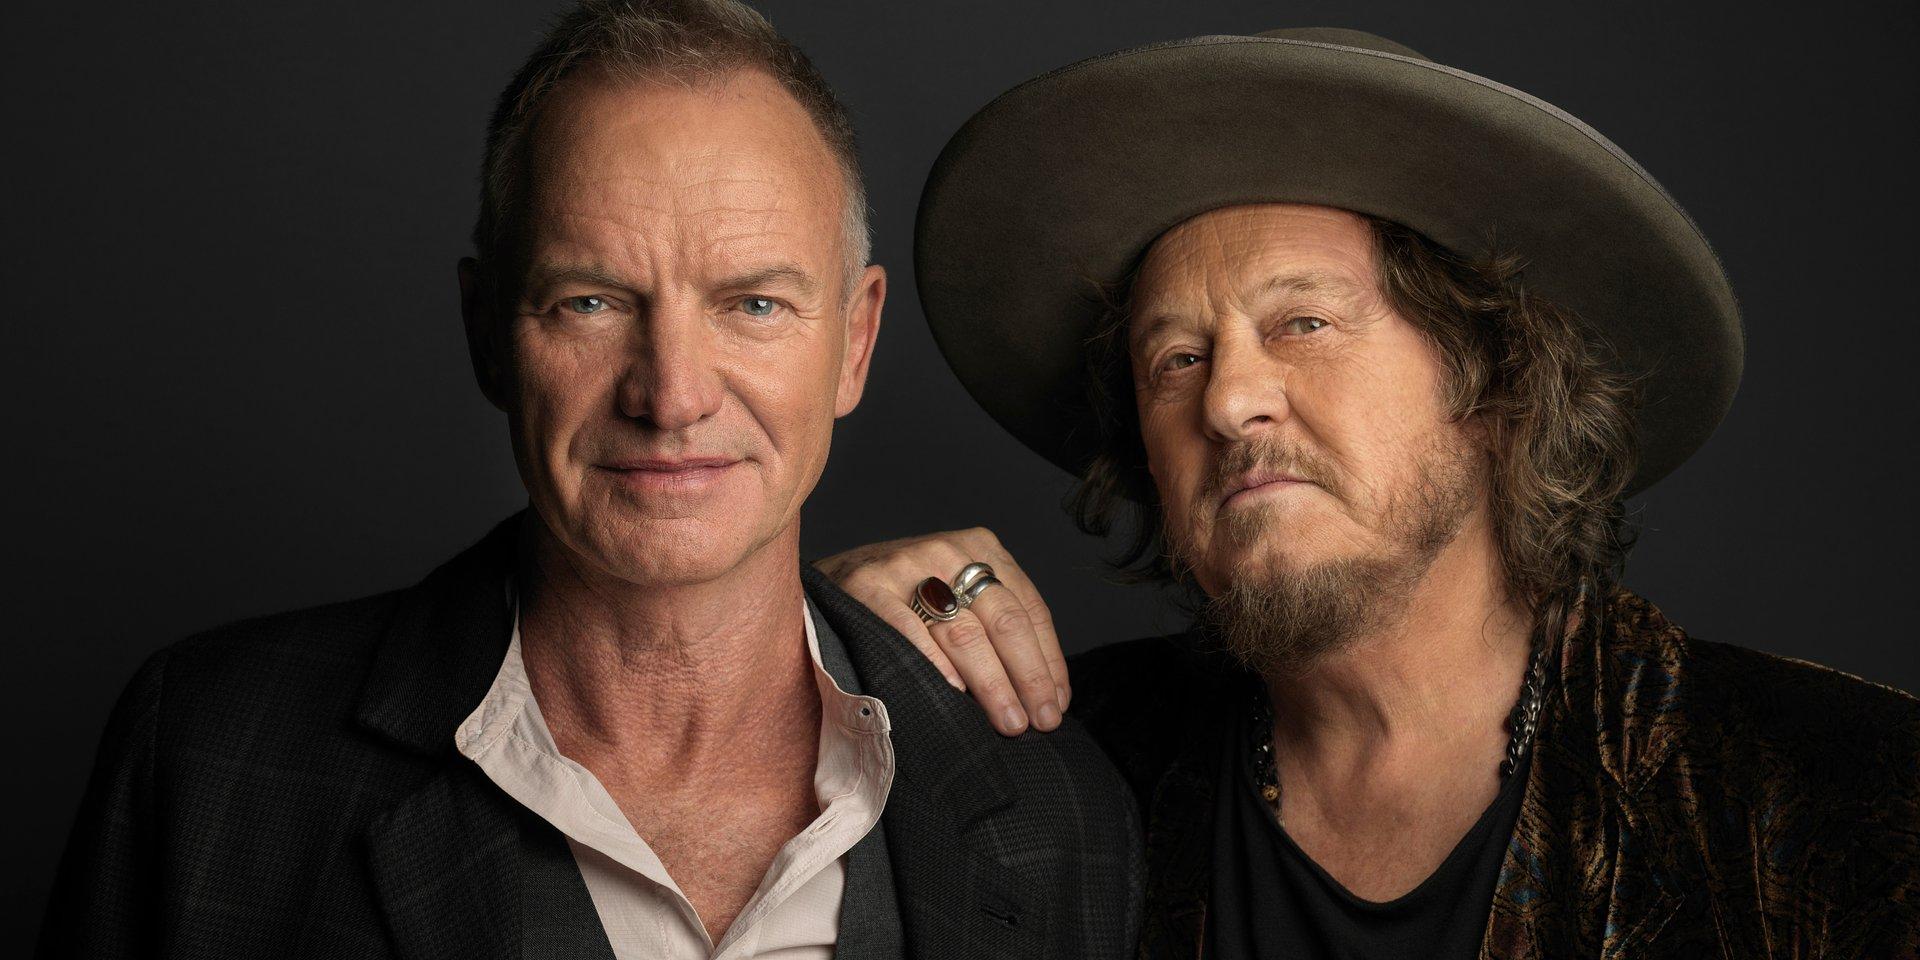 Sting zapowiada nowy album duetem z Zucchero